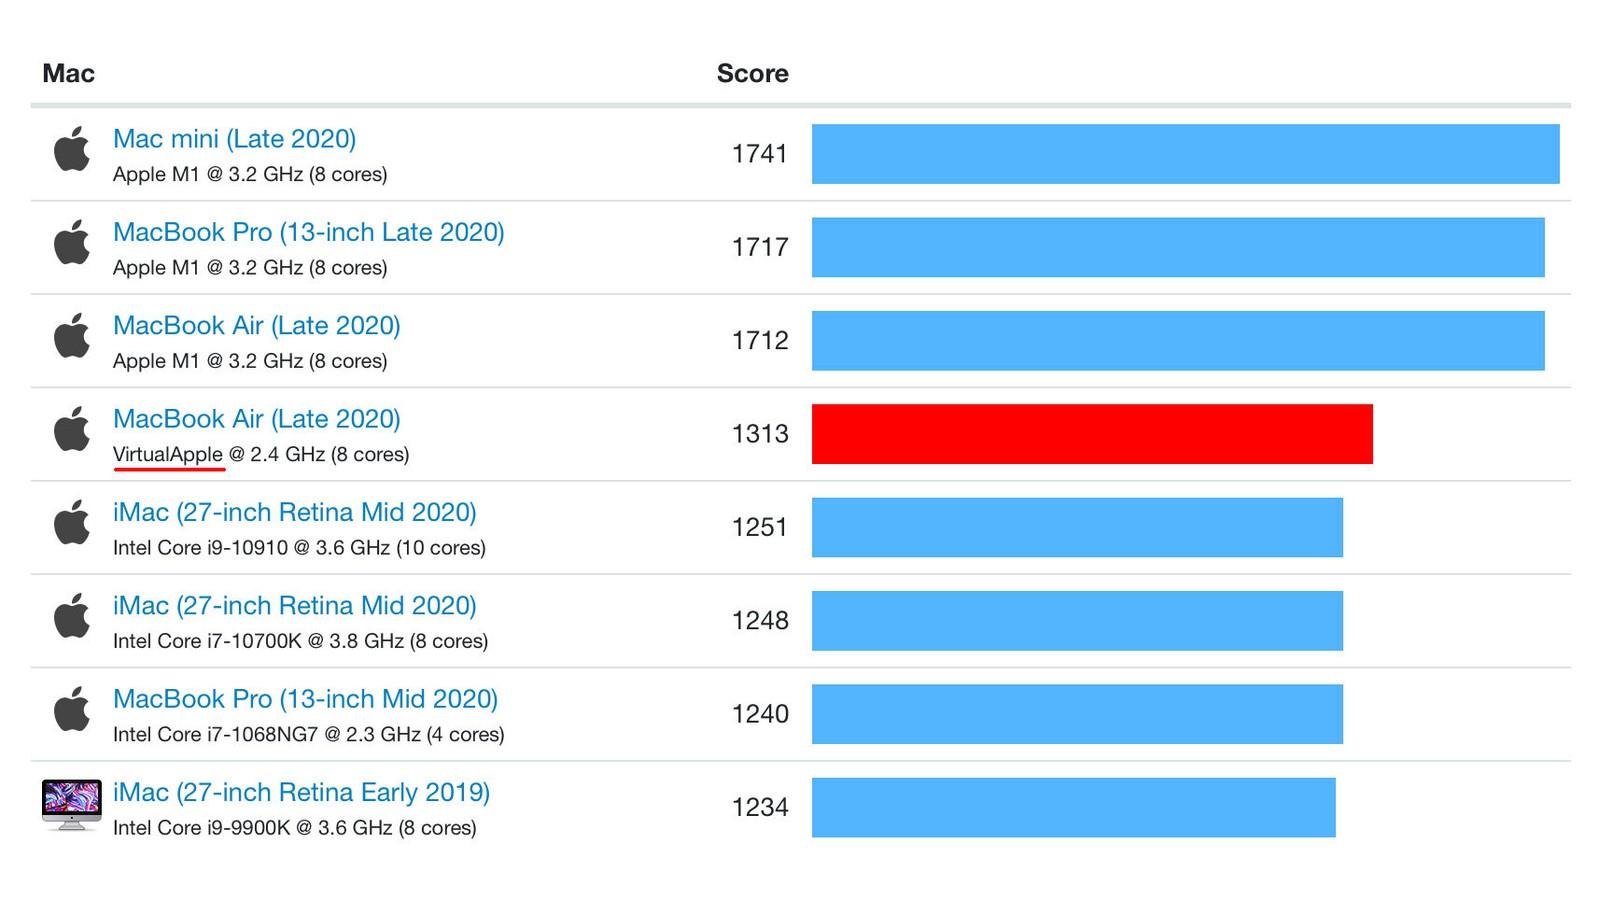 Anche emulando l'x86, il SoC M1 di Apple è più veloce di qualsiasi Mac nei test single-core